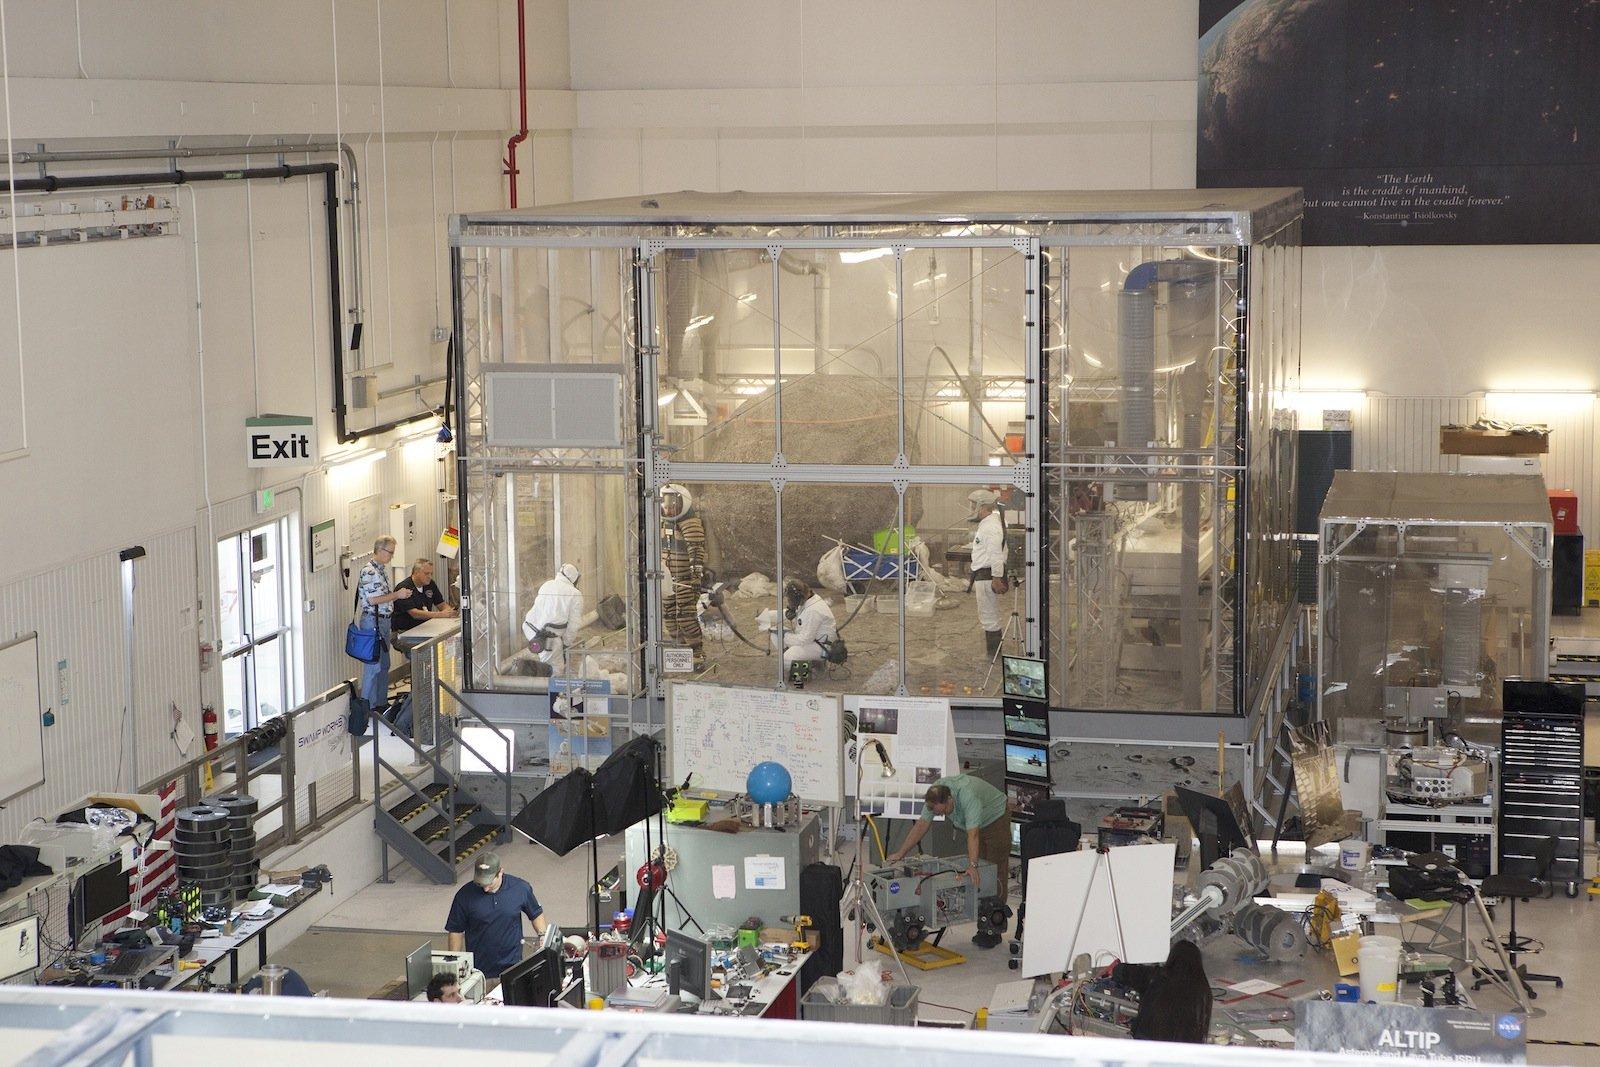 Der jüngste Praxistest für den NDX-1 fand nun auf dem Gelände des Kennedy Space Center in Florida statt. Dort haben die Wissenschaftler auf einem Laborgelände die Beschaffenheit der Oberfläche des Mondes und auch des Mars mit einer feinen Staubschicht auf dem Boden nachgebaut.